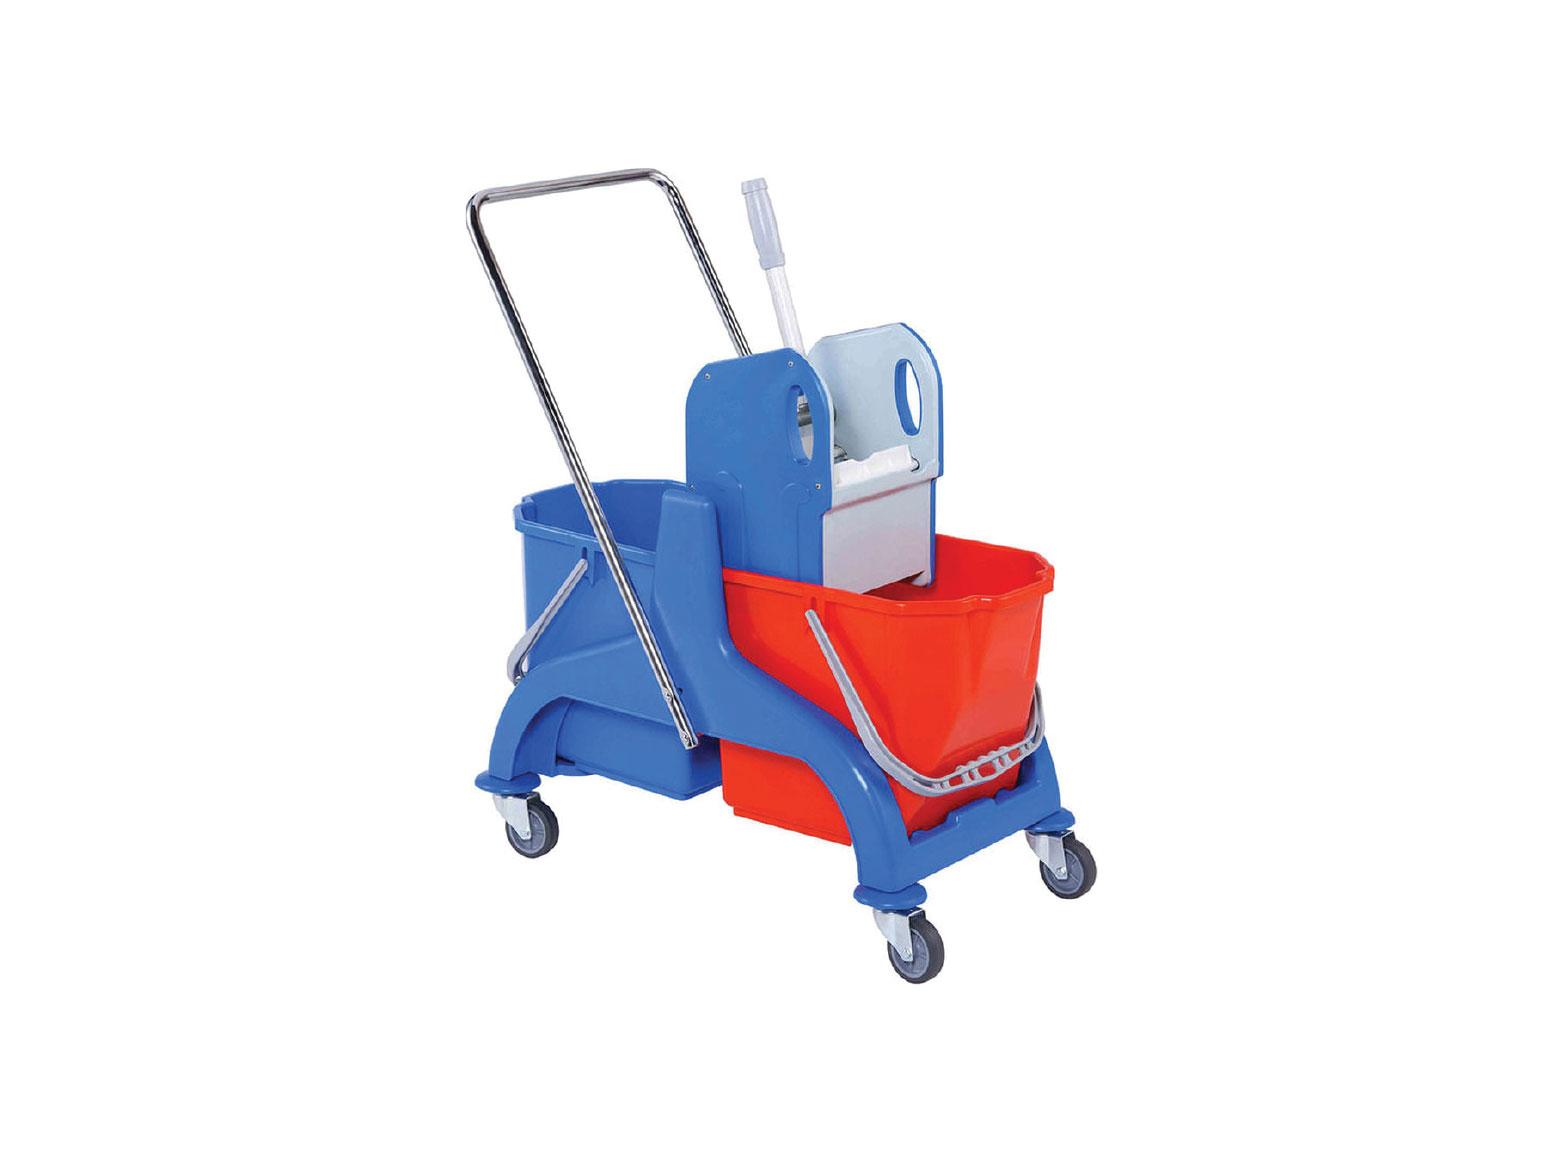 Double Mop Bucket Trolley